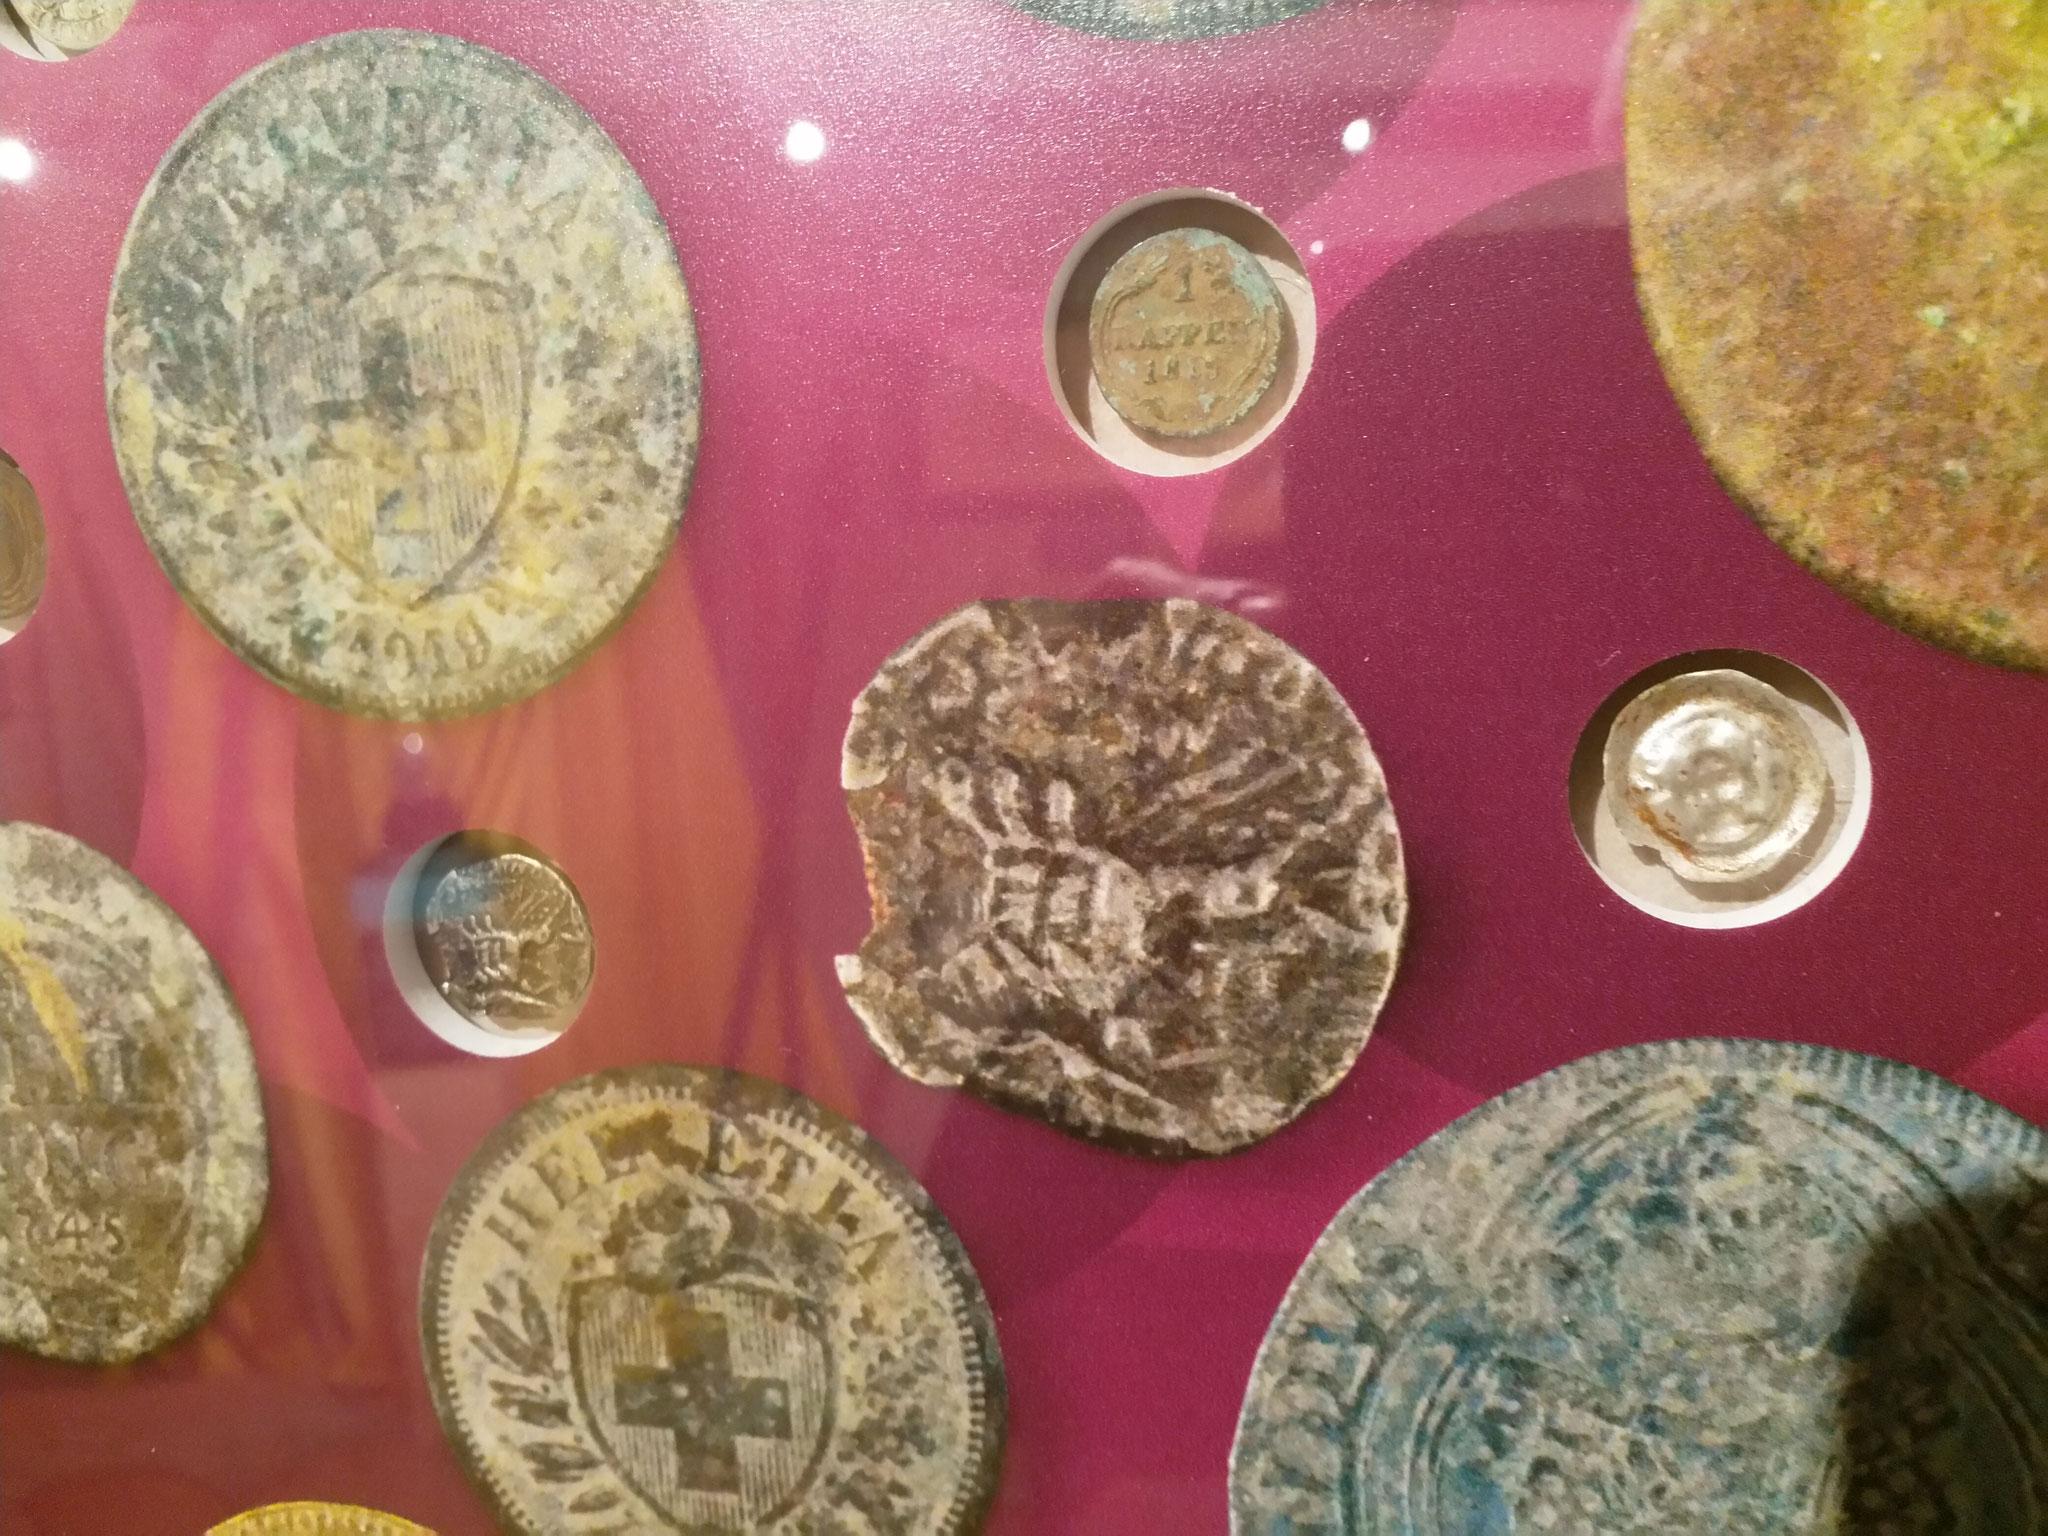 Münzen aus der Zeit der Kelten und Römer über das Mittelalter bis zur Neuzeit lagen verborgen. Batzen, Rappen, Schilling Denar dokumentieren die Zeitepochen der Brünigpassagen.